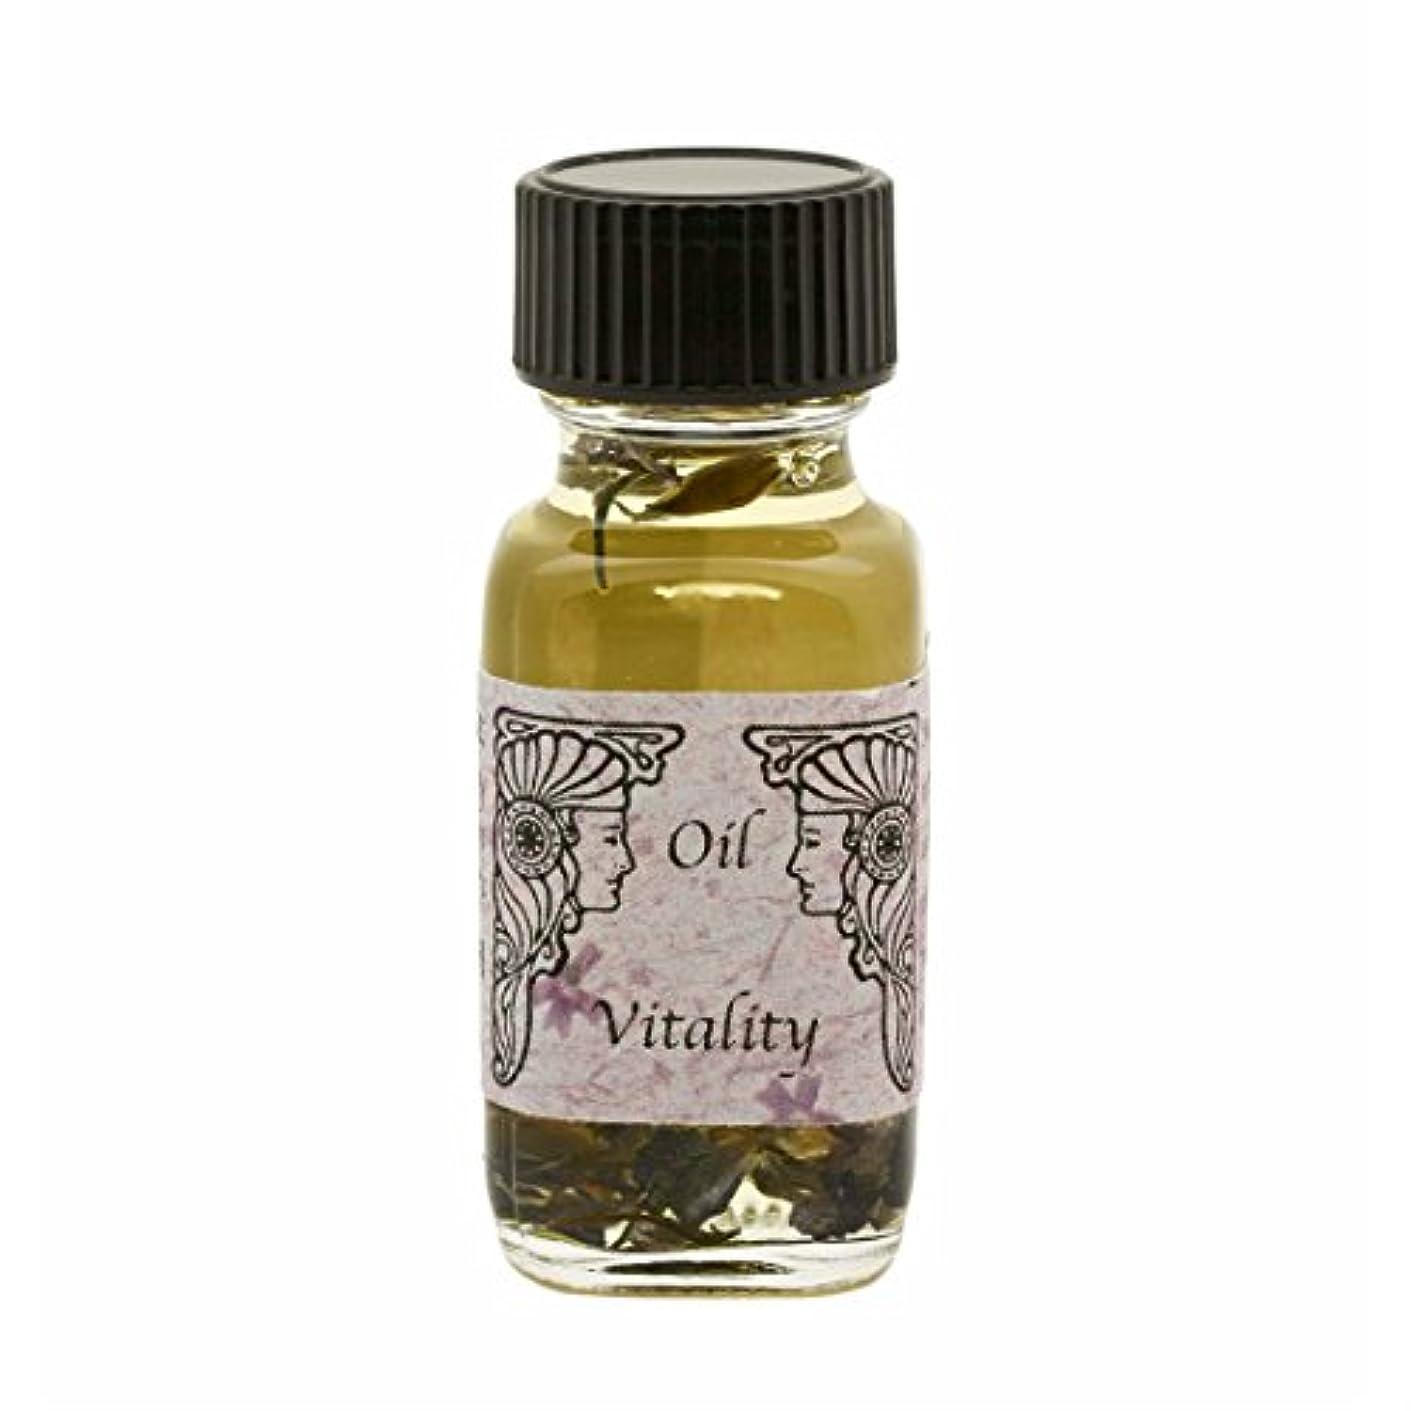 アンシェントメモリーオイル バイタリティ Vitality 活気 2017年新作 (Ancient Memory Oils)